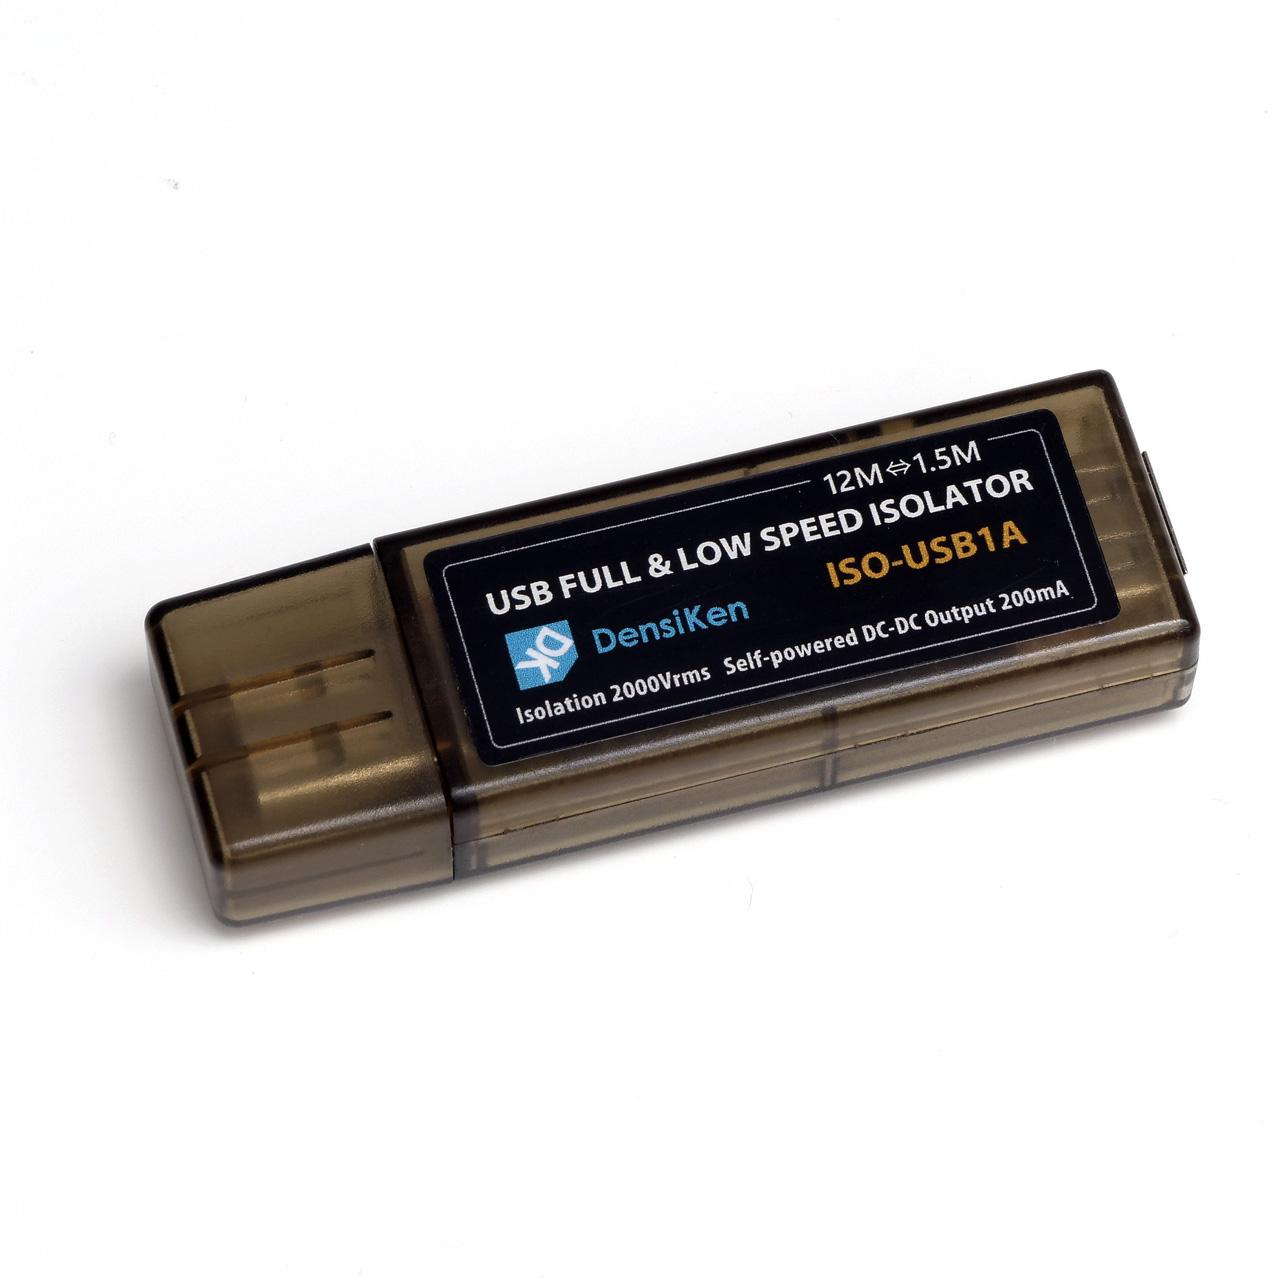 ISO-USB1A